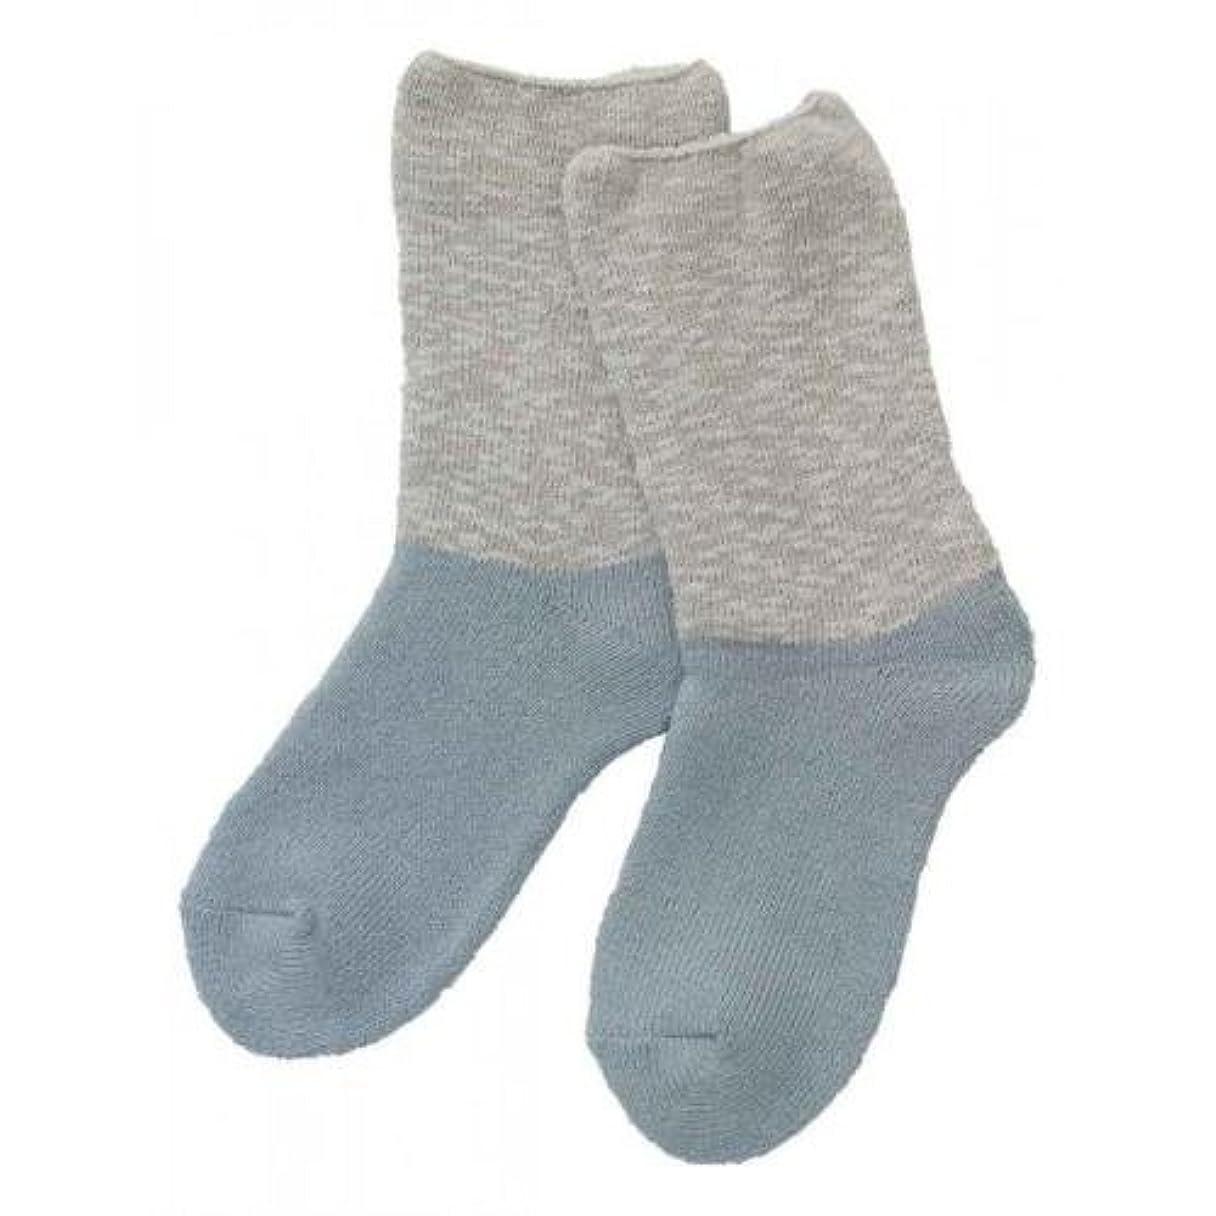 フォーカス音声軽量Carelance(ケアランス)お風呂上りのやさしい靴下 綿麻パイルで足先さわやか 8706CA-70 ブルー